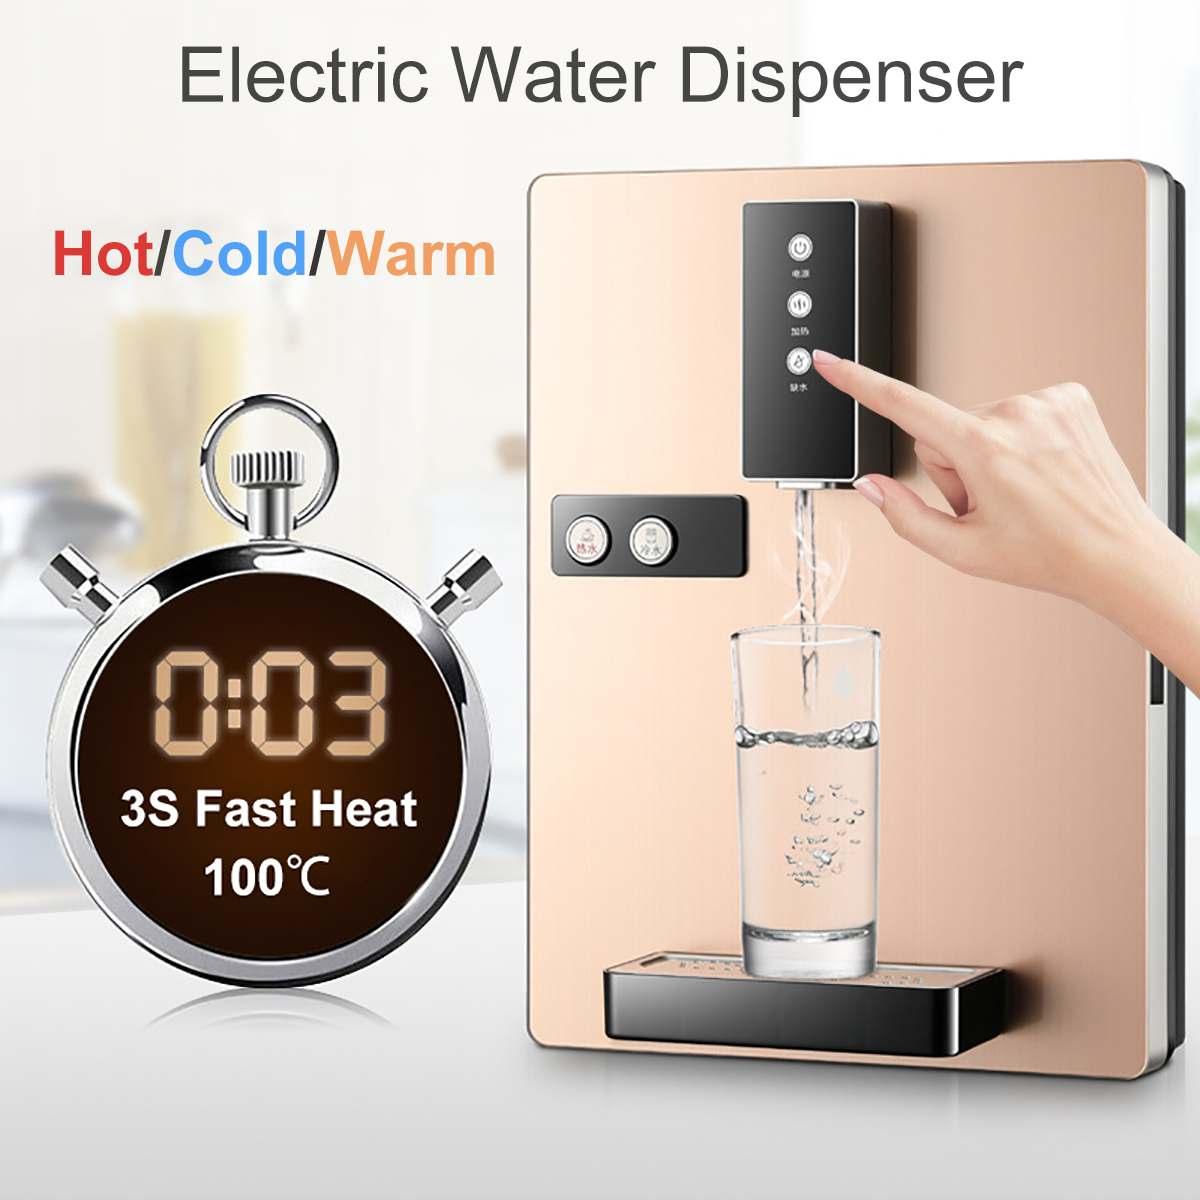 Многофункциональный Электрический диспенсер для горячей/холодной/ледяной воды 220 В настенный водонагреватель, охладитель воды, питьевой ф